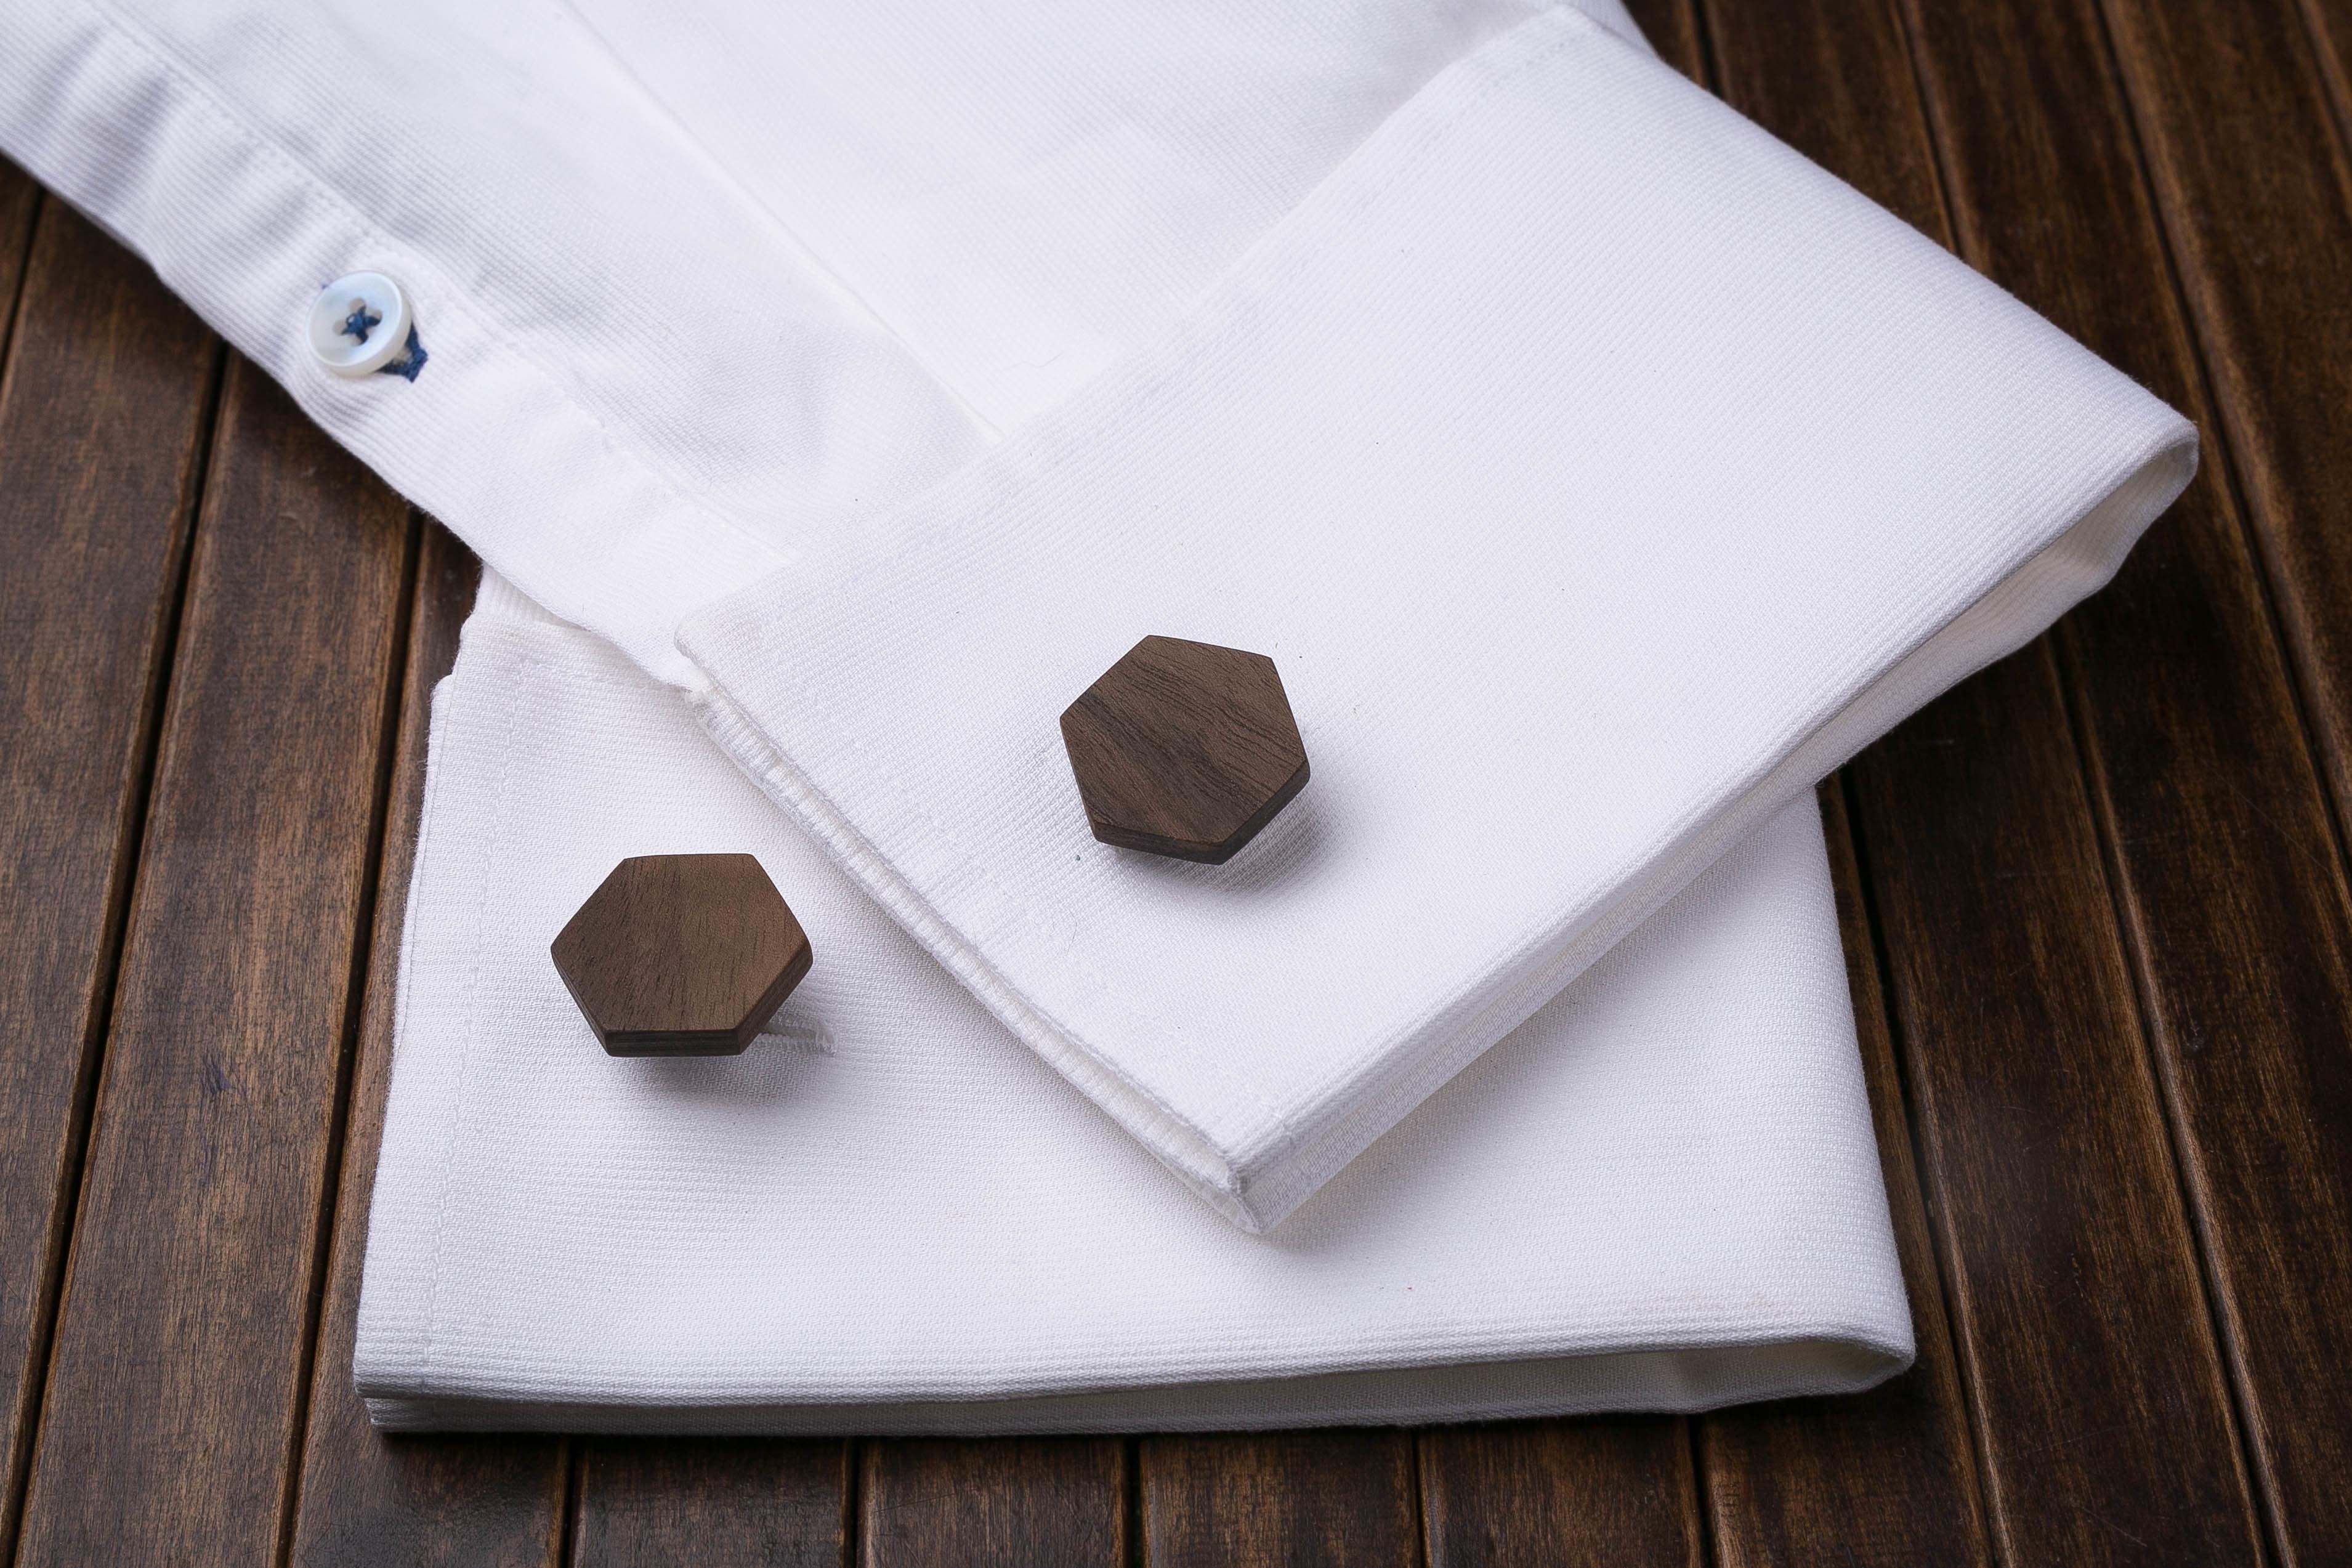 Комплект: Шестигранные запонки из дерева и Деревянный зажим для галстука. Массив ореха. Гравировка инициалов. Упаковка в комплекте